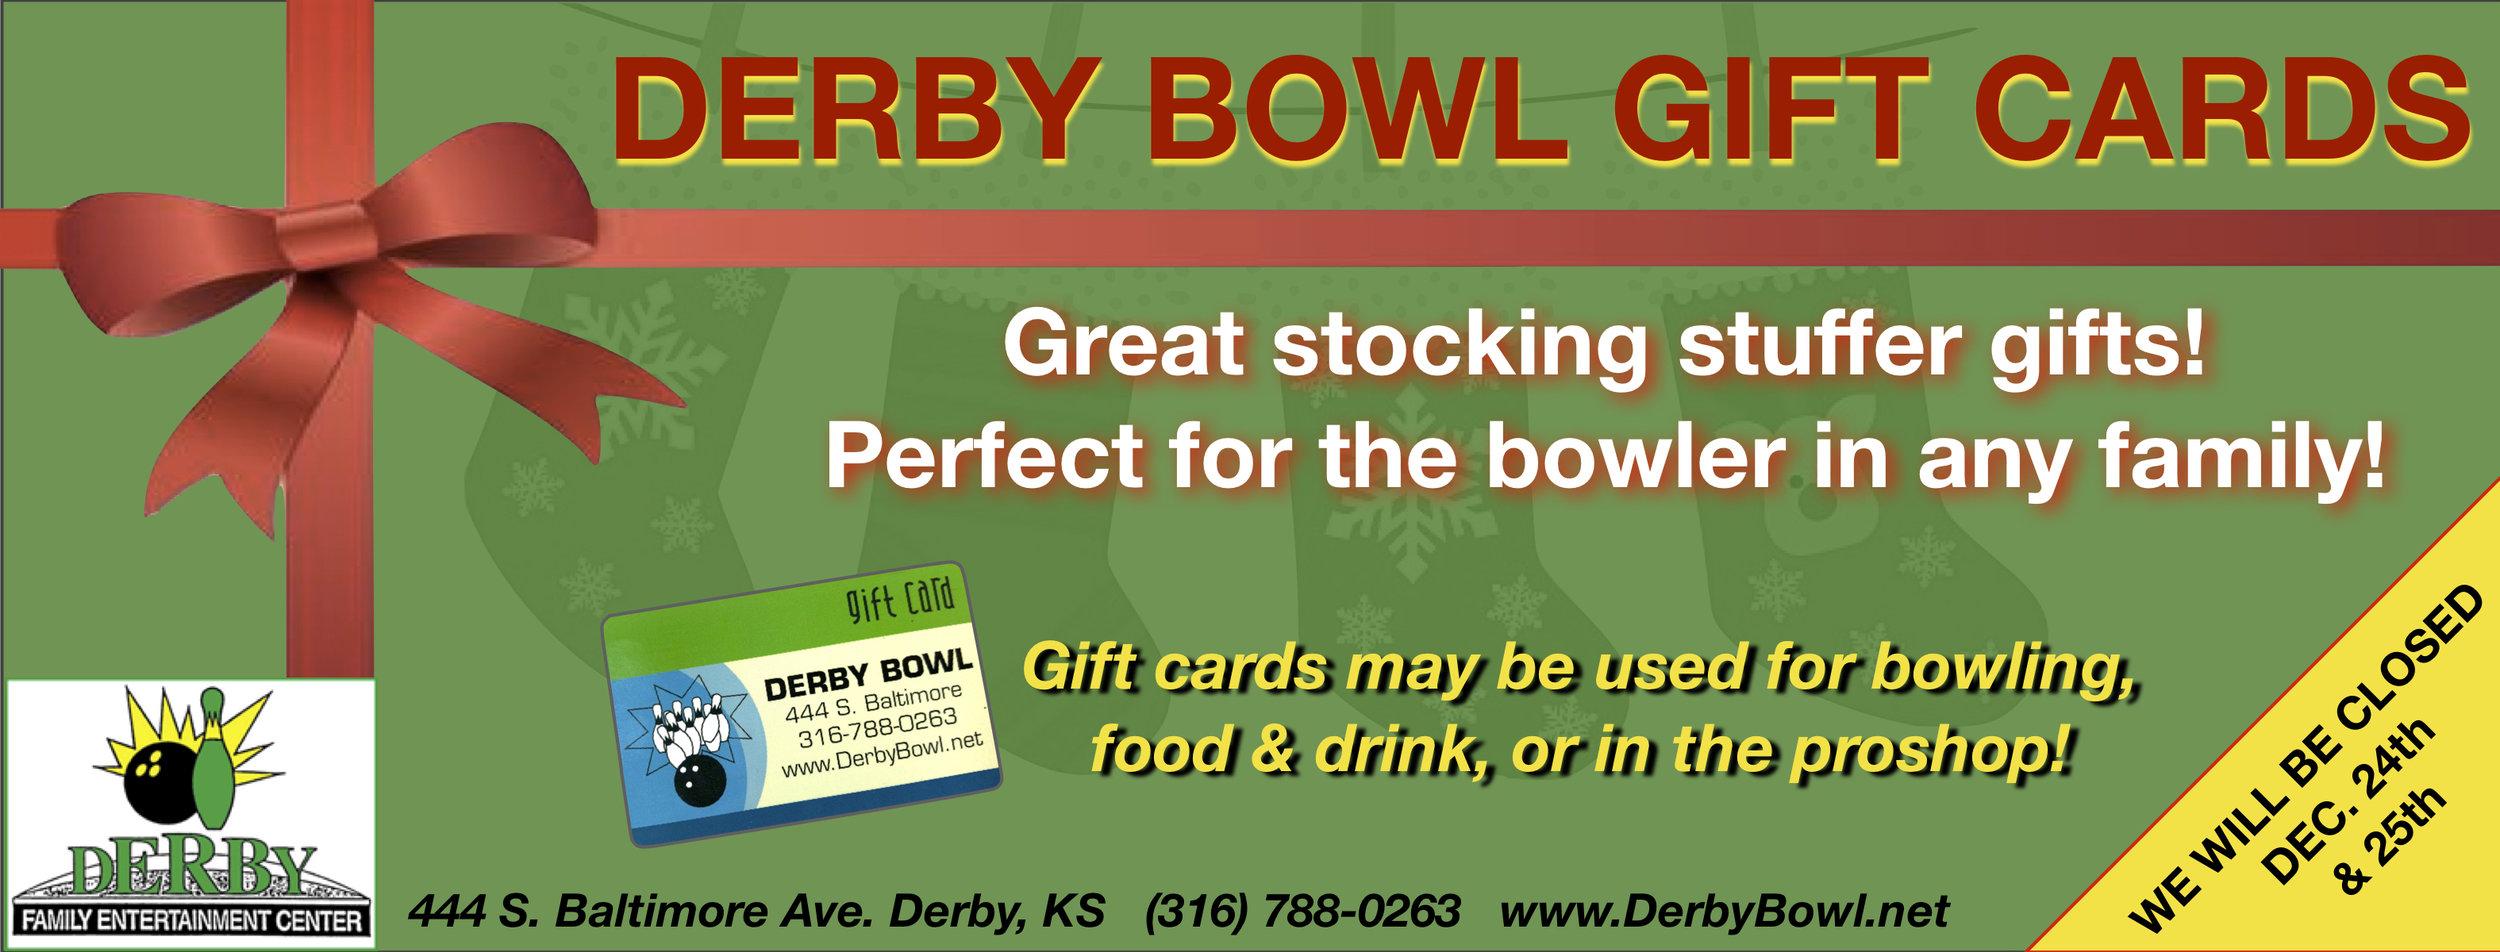 Gift Cards Christmas Banner.jpg